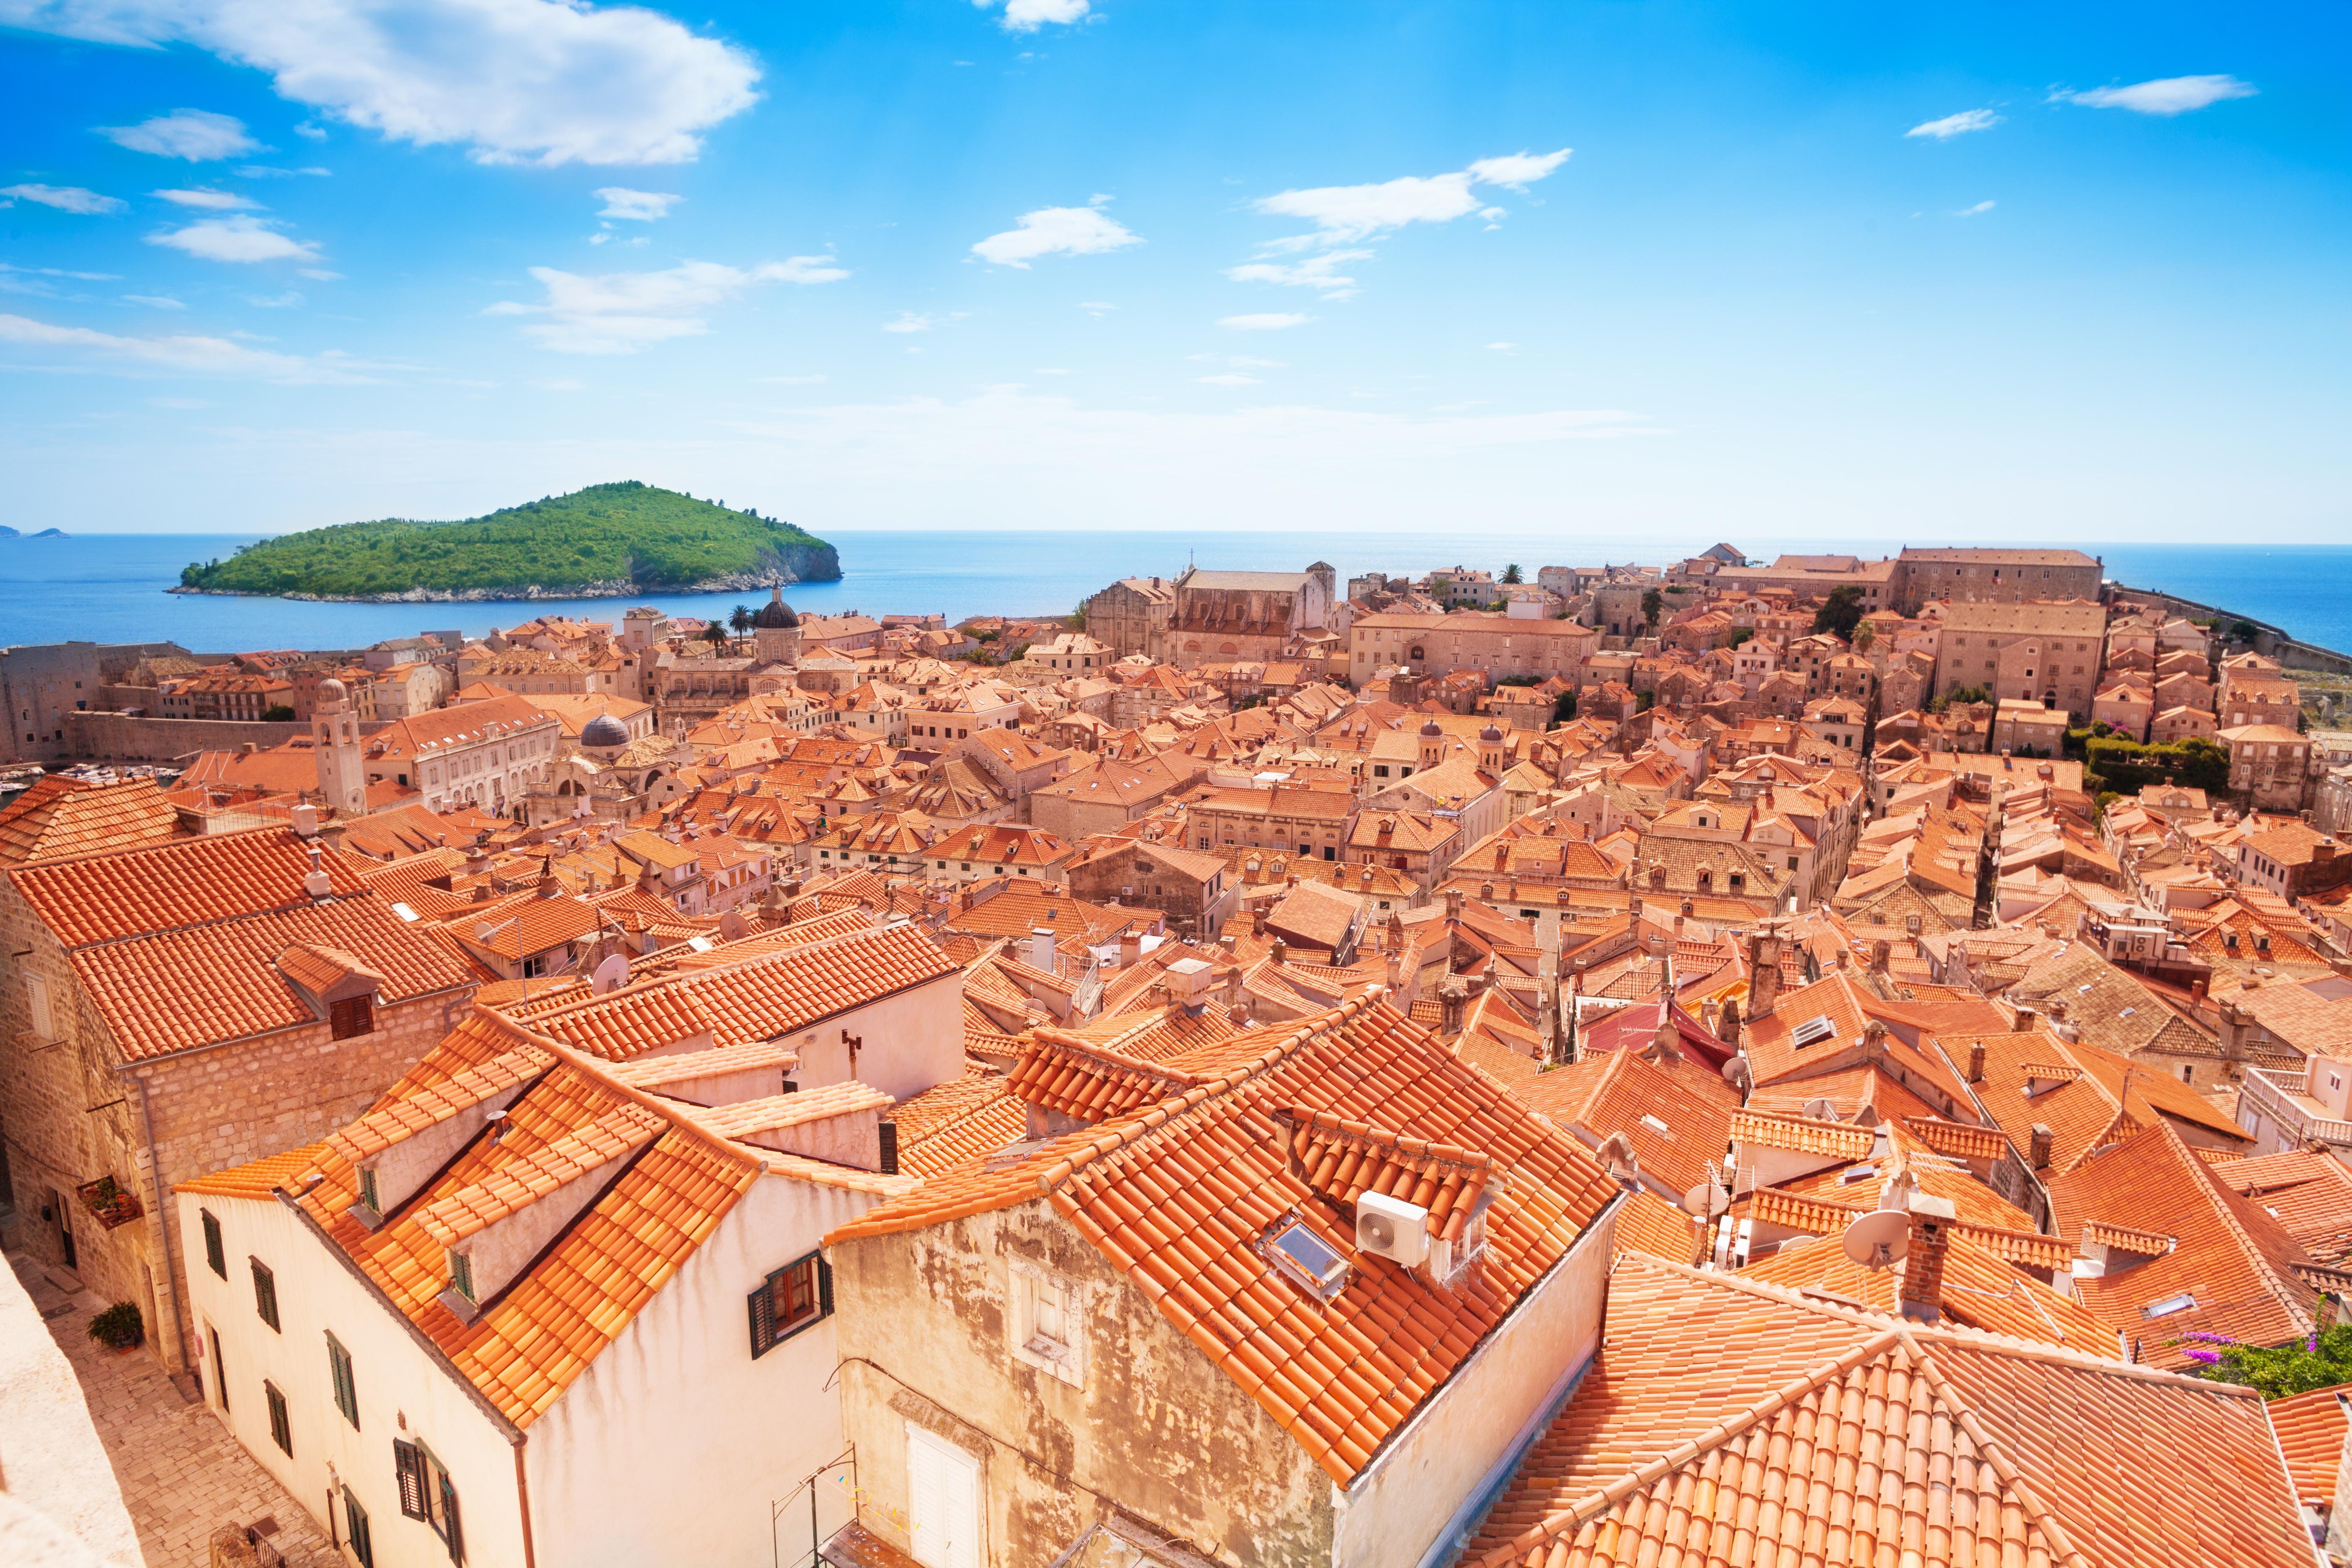 https://assets.eberhardt-travel.de/2017/Kroatien/53200_Dubrovnik_im_Hintergrund_die_Insel_Lokrum_Original.jpg